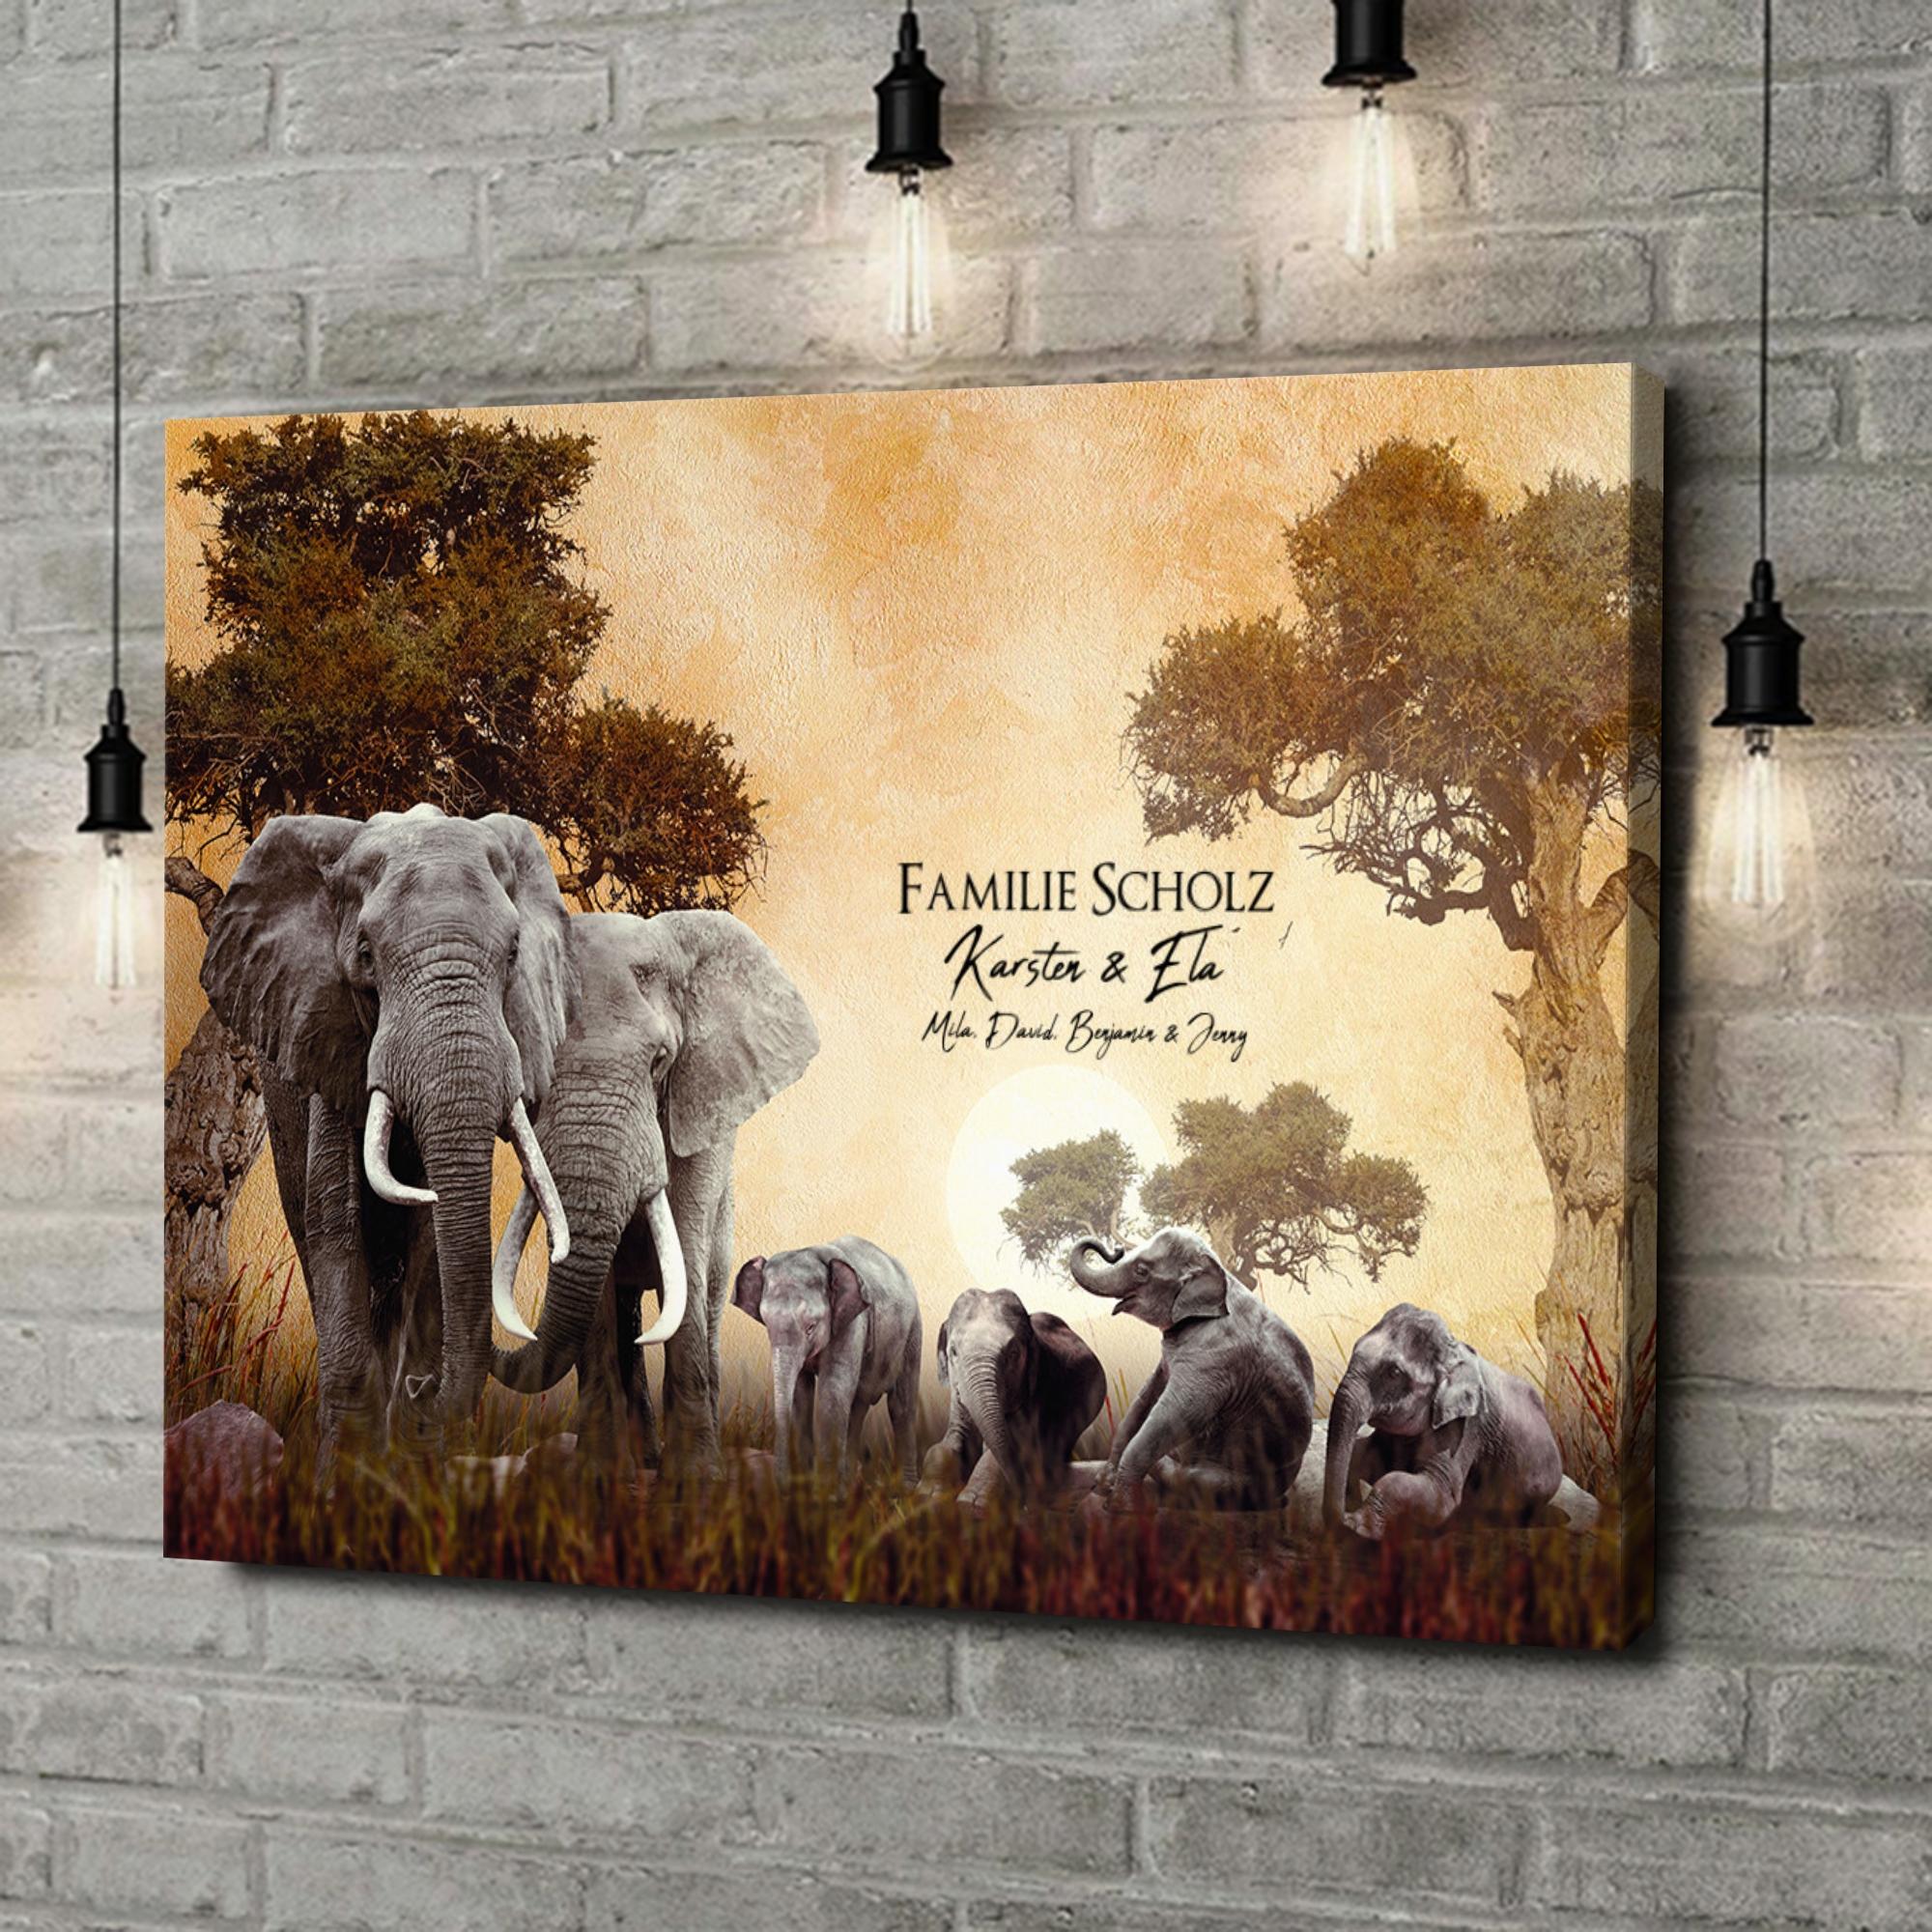 Leinwandbild personalisiert Elefantenfamilie